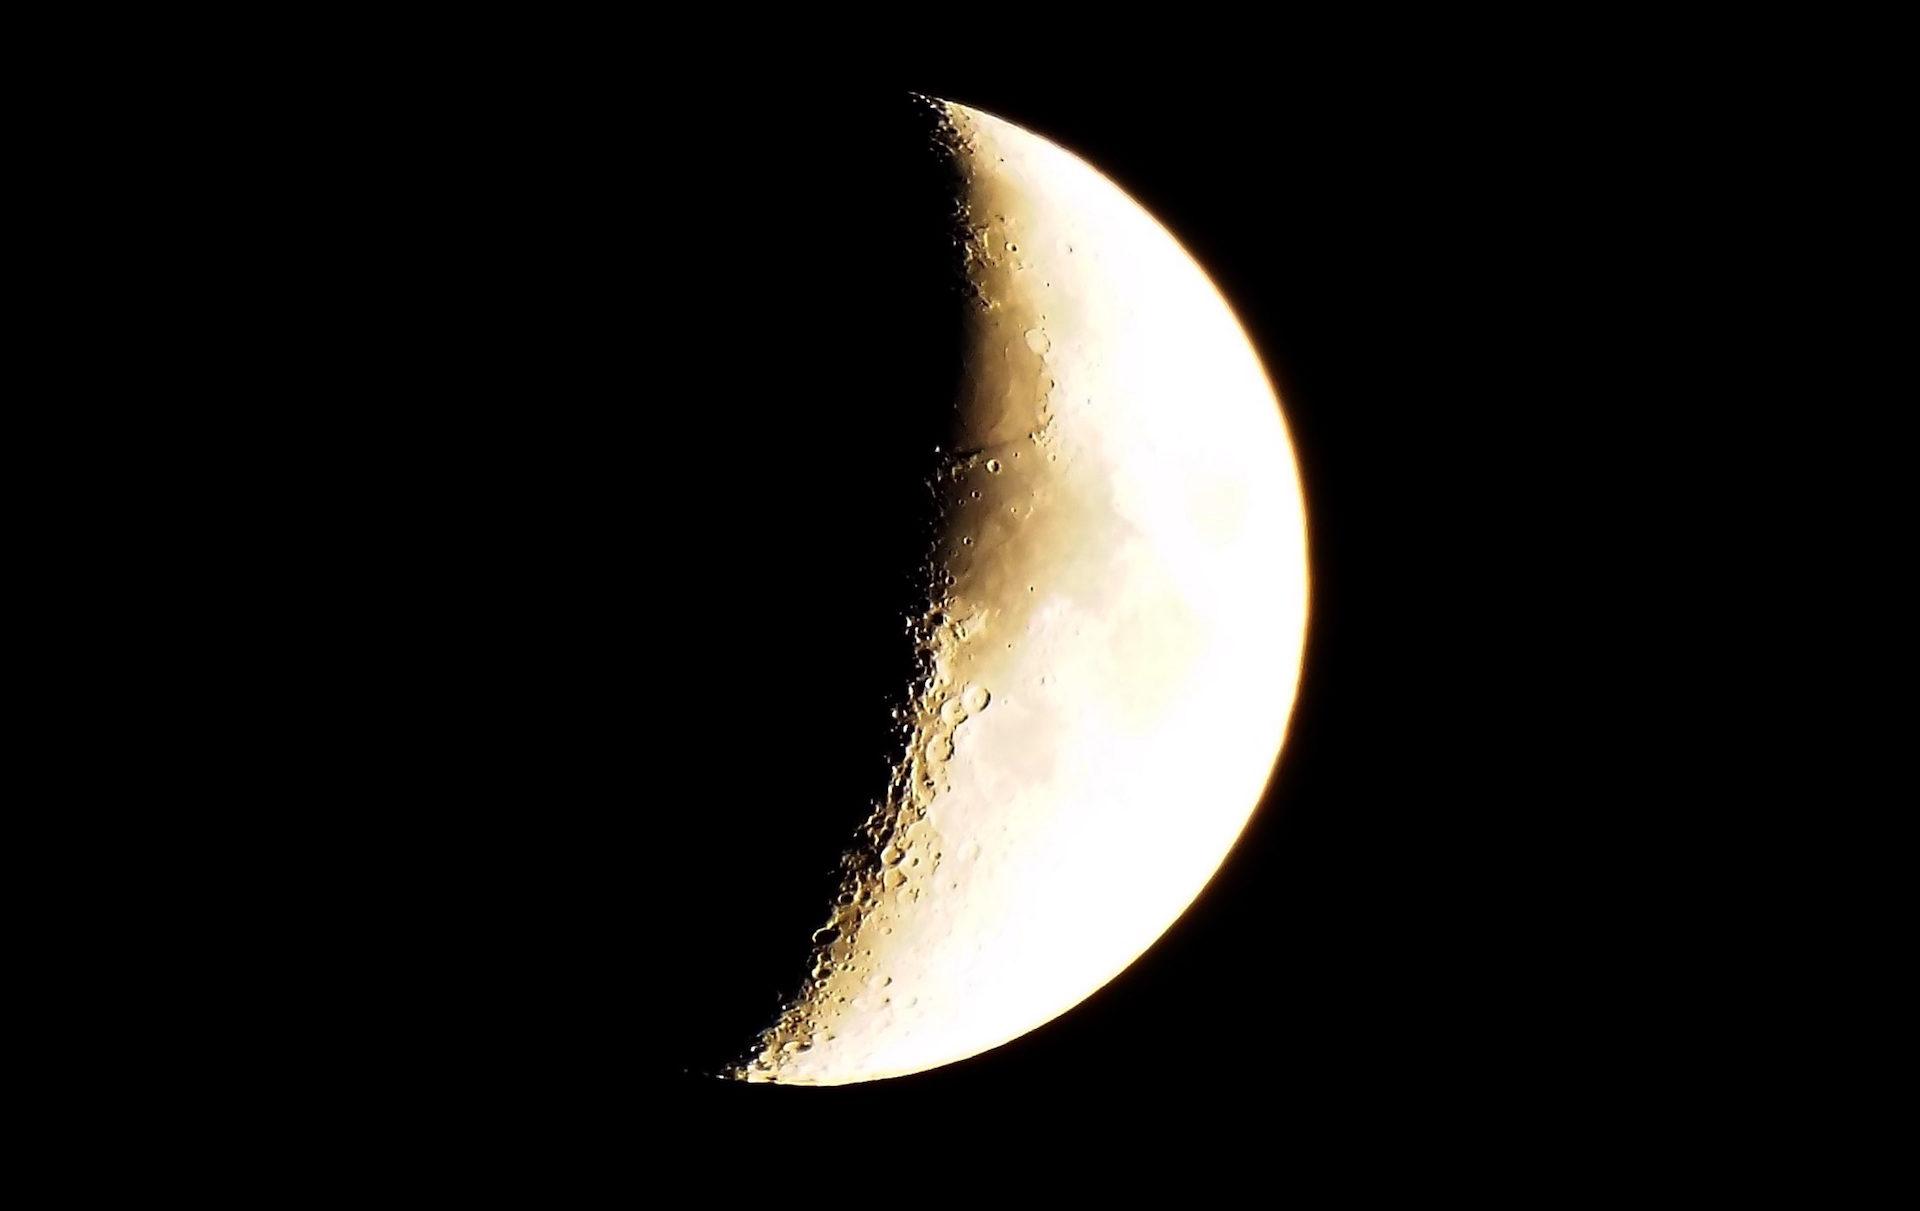 القمر, سطح, فوهة البركان, الظل, تزايد - خلفيات عالية الدقة - أستاذ falken.com